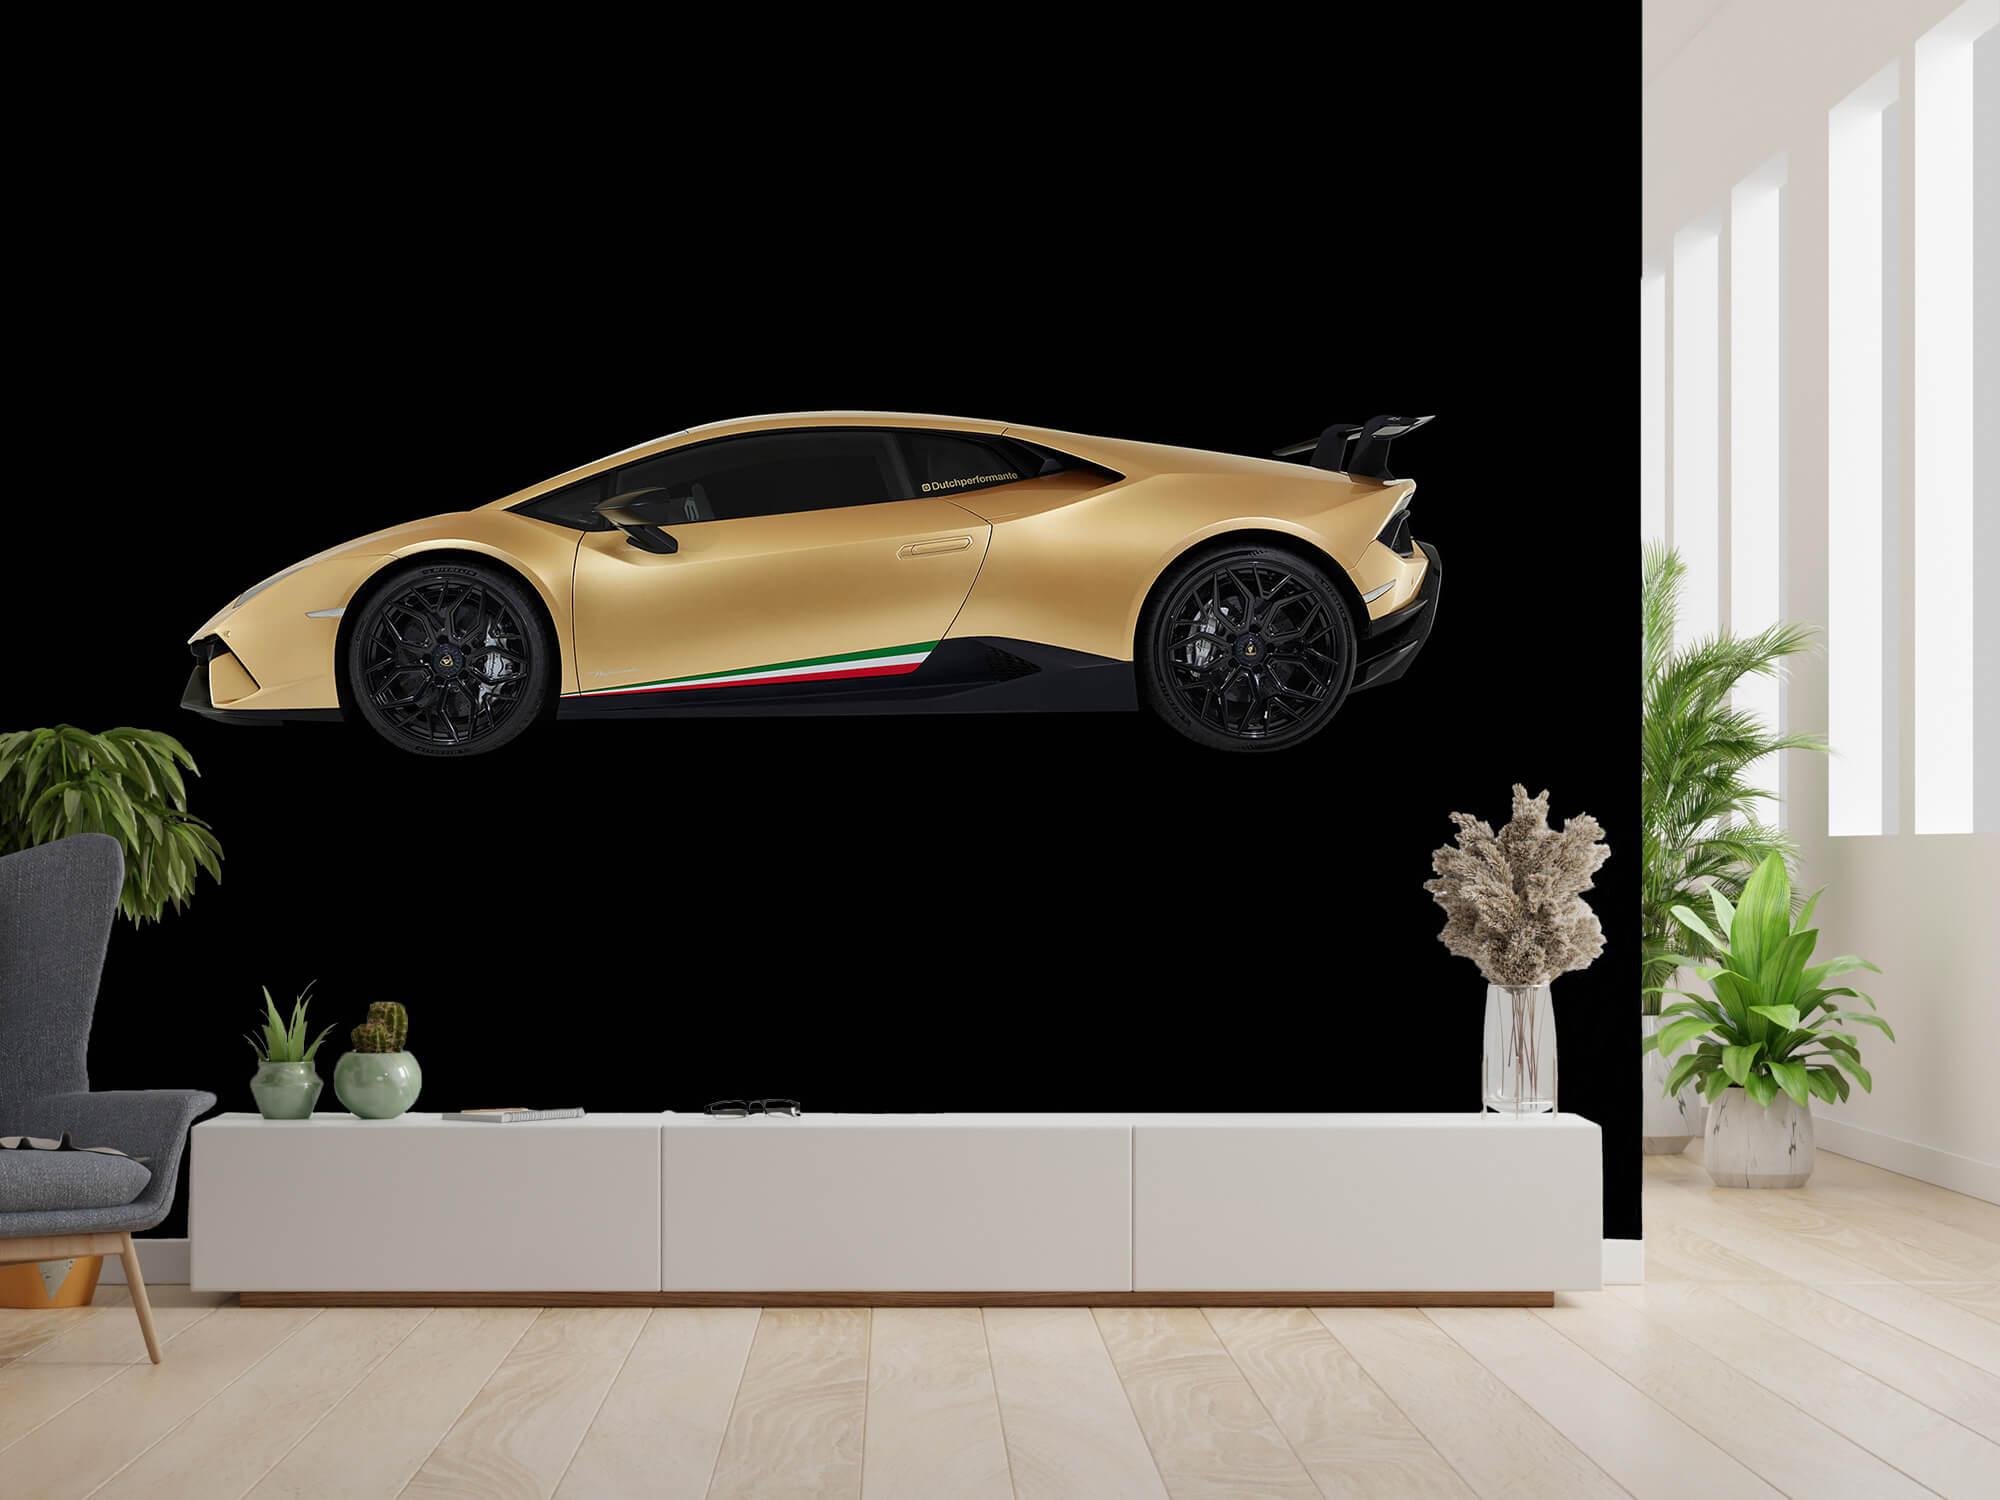 Wallpaper Lamborghini Huracán - Sida, svart 1